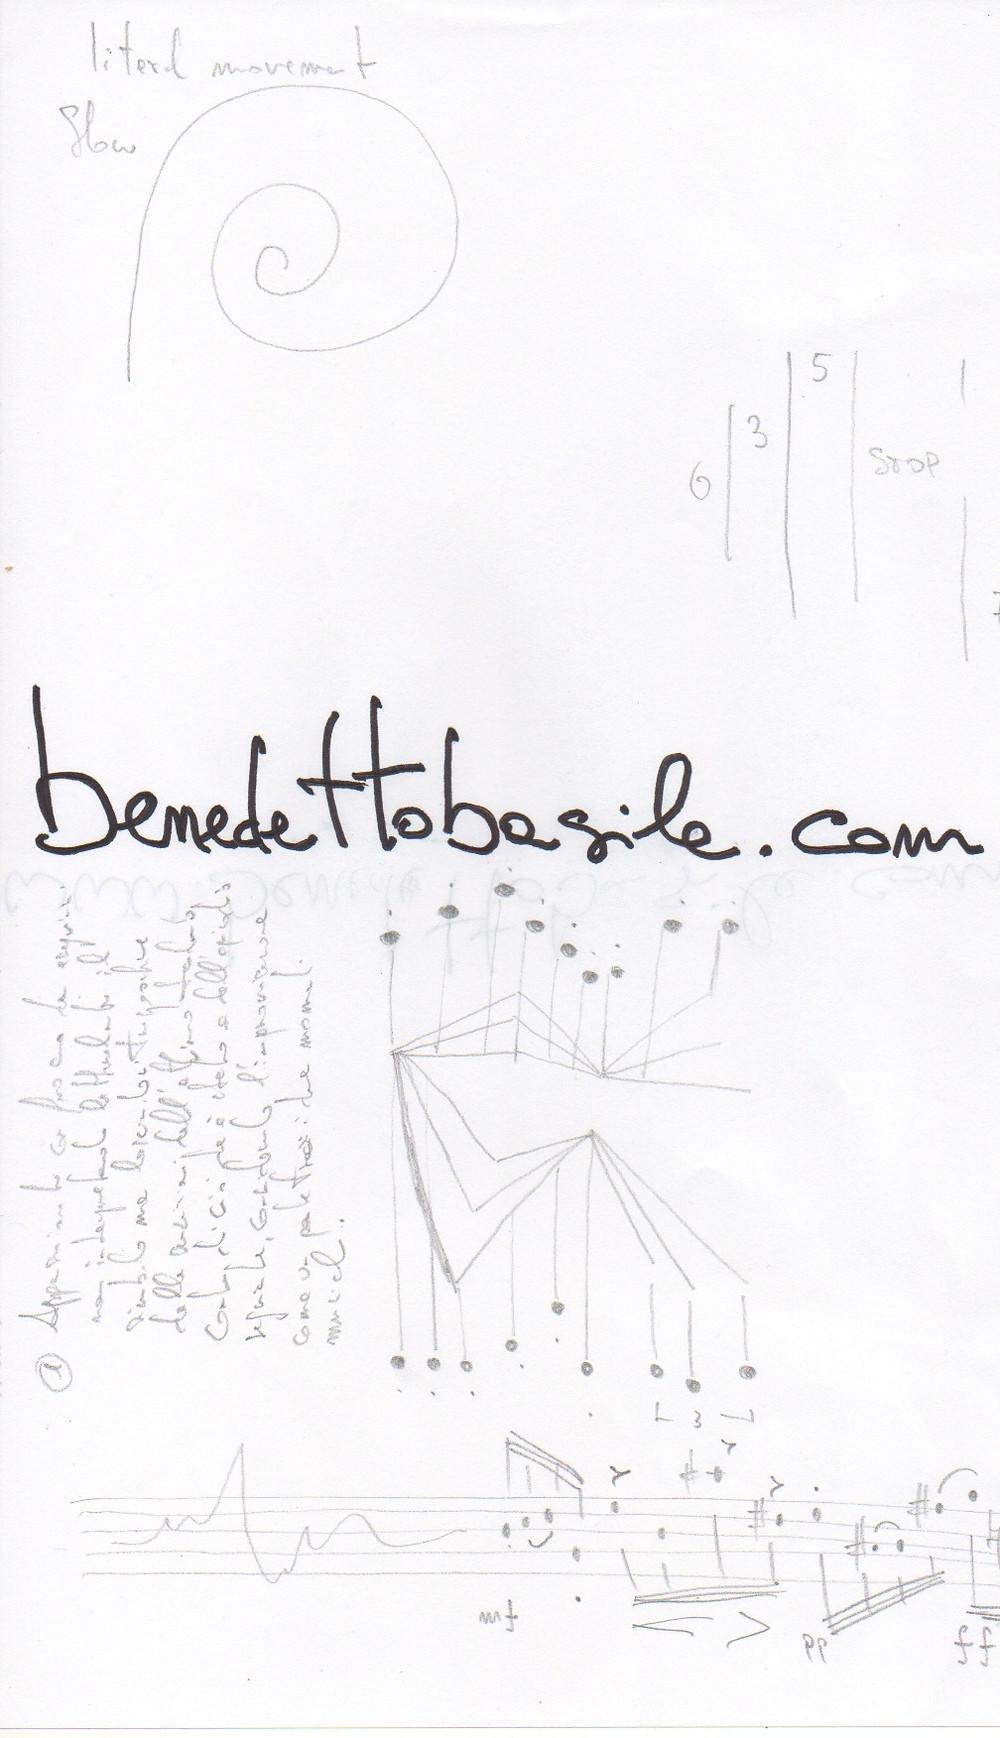 benedettobasile.com